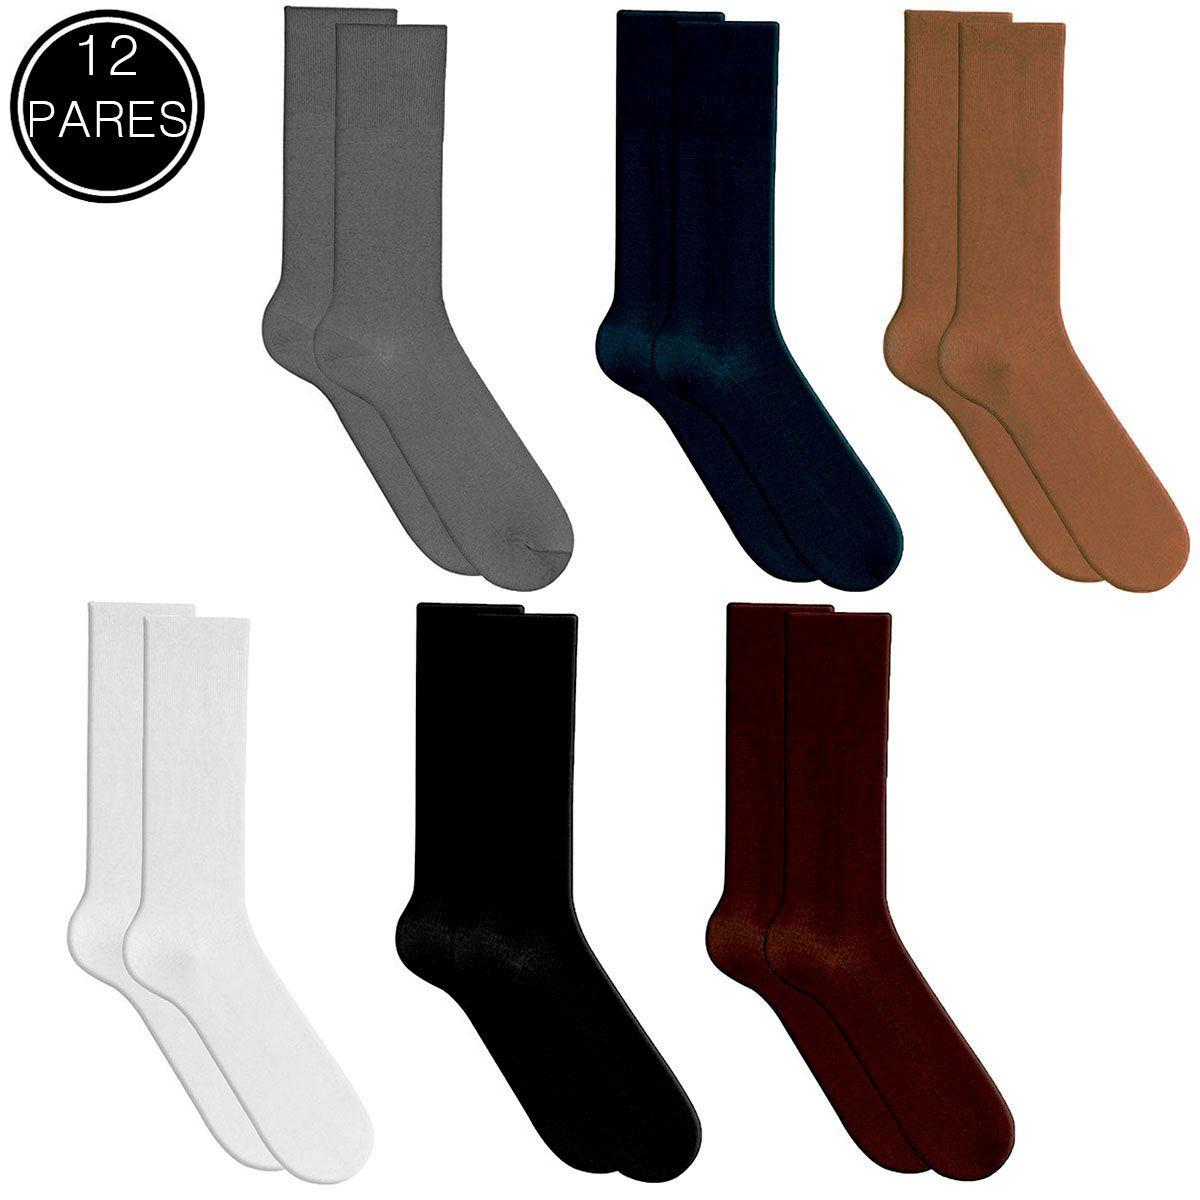 f9a76d94a Itra - Distribuidora de Calçados. Kit 12 Meias Social Masculina 100 ...